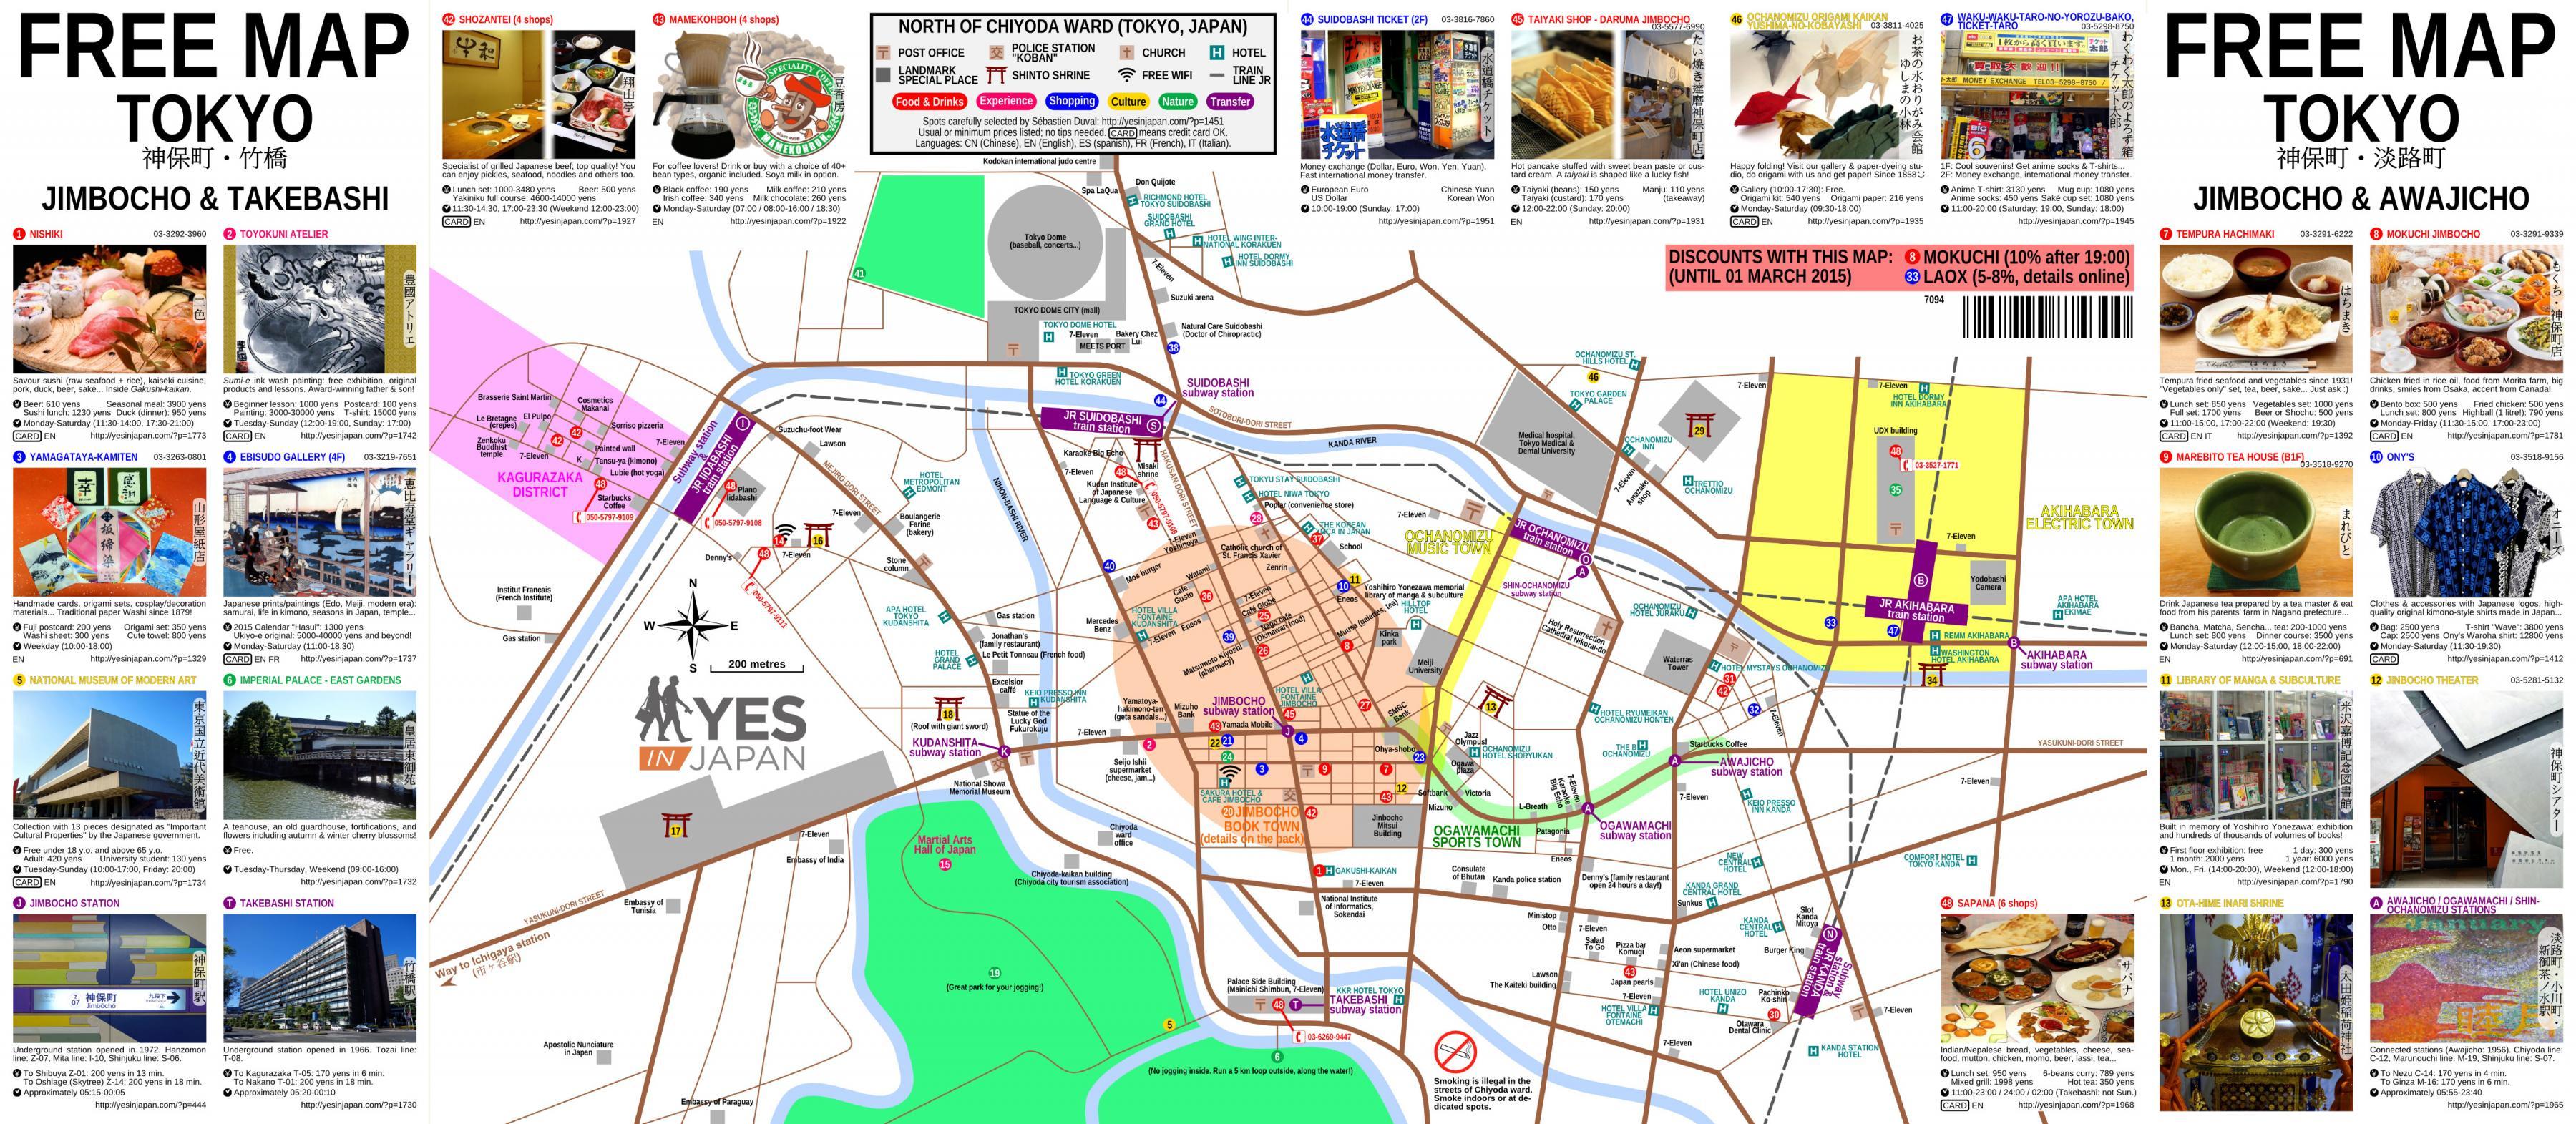 tokyo walking map tokyo walking tour map (kantÅ japan). tokyo map tourist article expired roppongi hills tokyo skytree